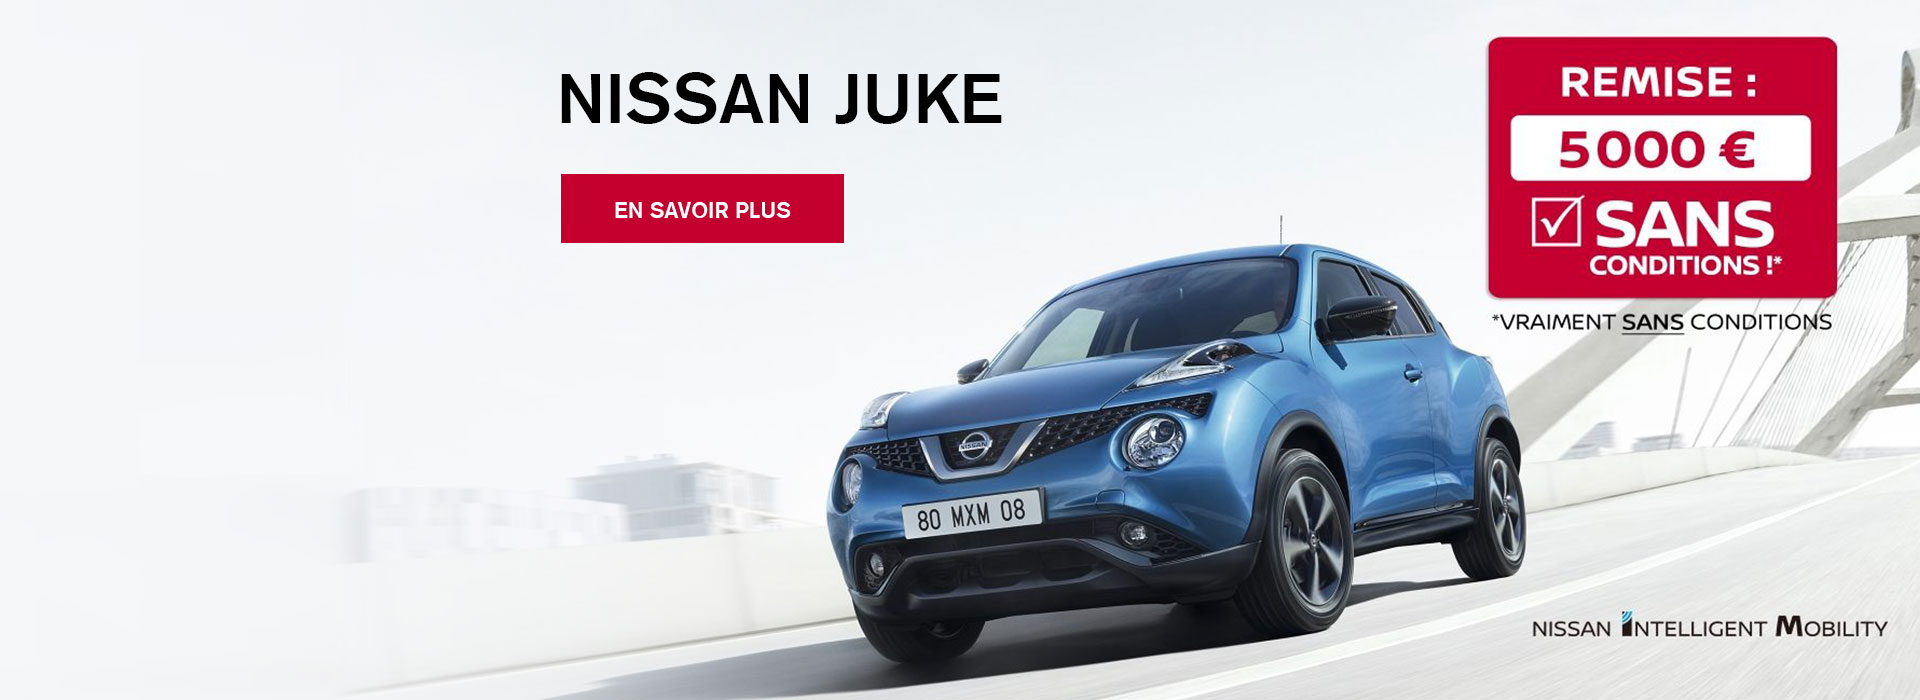 Nissan Besancon Vente Voiture Neuve Vehicule Occasion